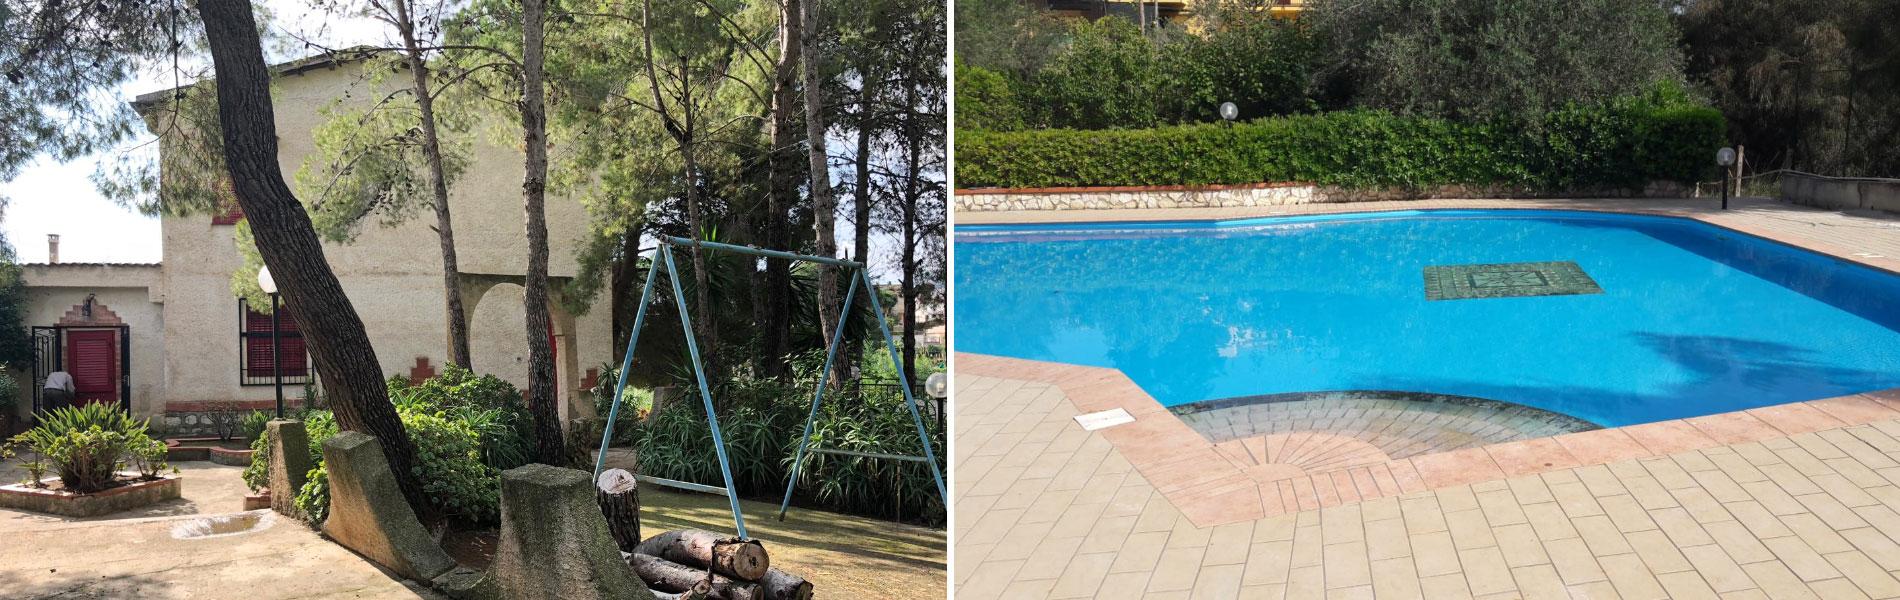 Splendida villa con piscina e giardino